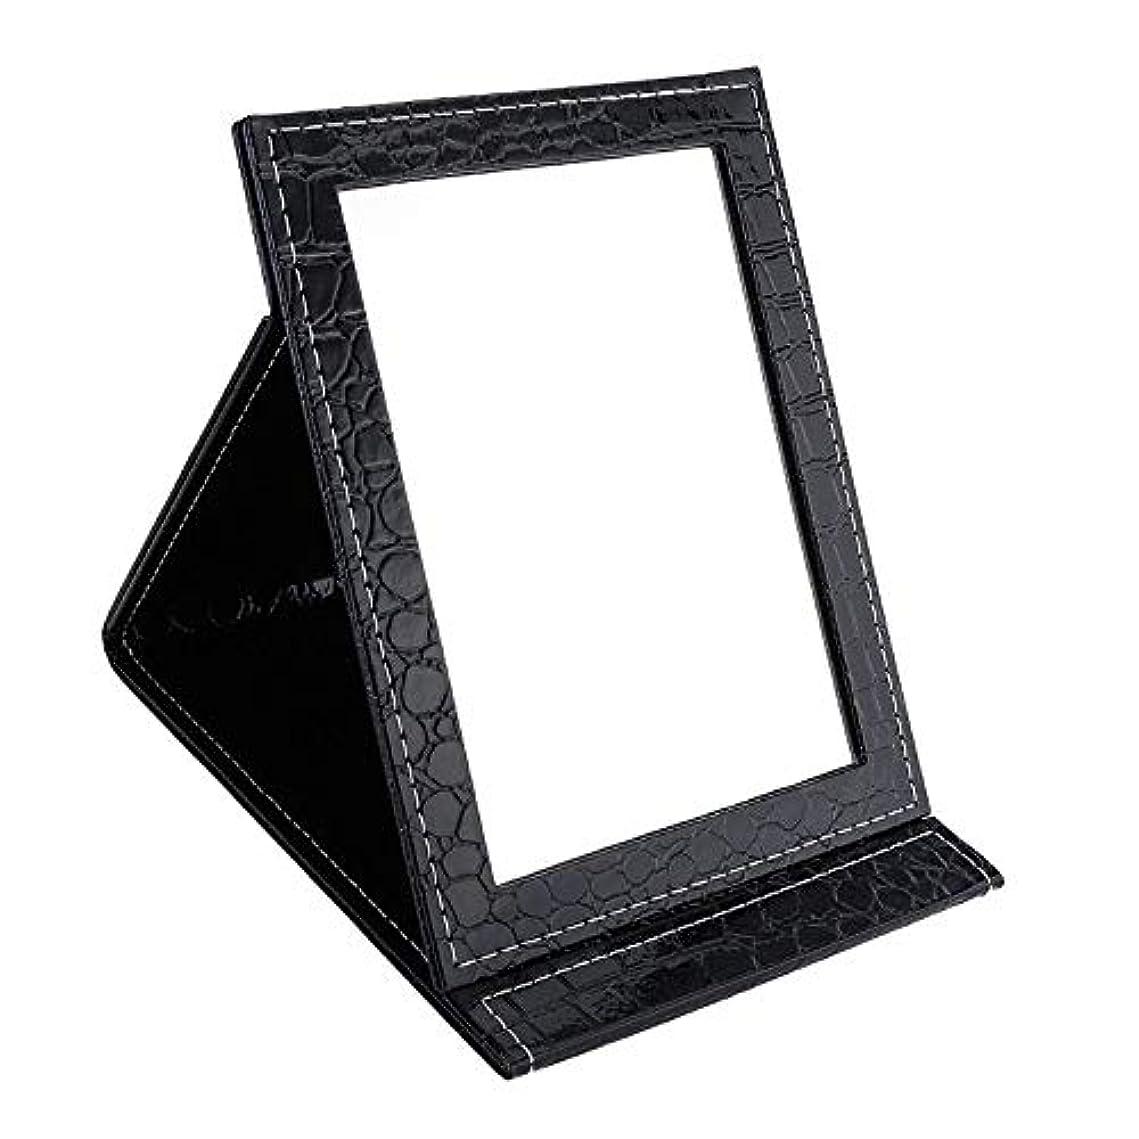 浴改修ドットYummyBuy 化粧ミラー 折りたたみ ミラー 鏡 卓上 化粧 化粧鏡 角度調整自由自在 上質PUレザー使用(クロコダイル?パターン、2サイズ) (大きなサイズ, ブラック)